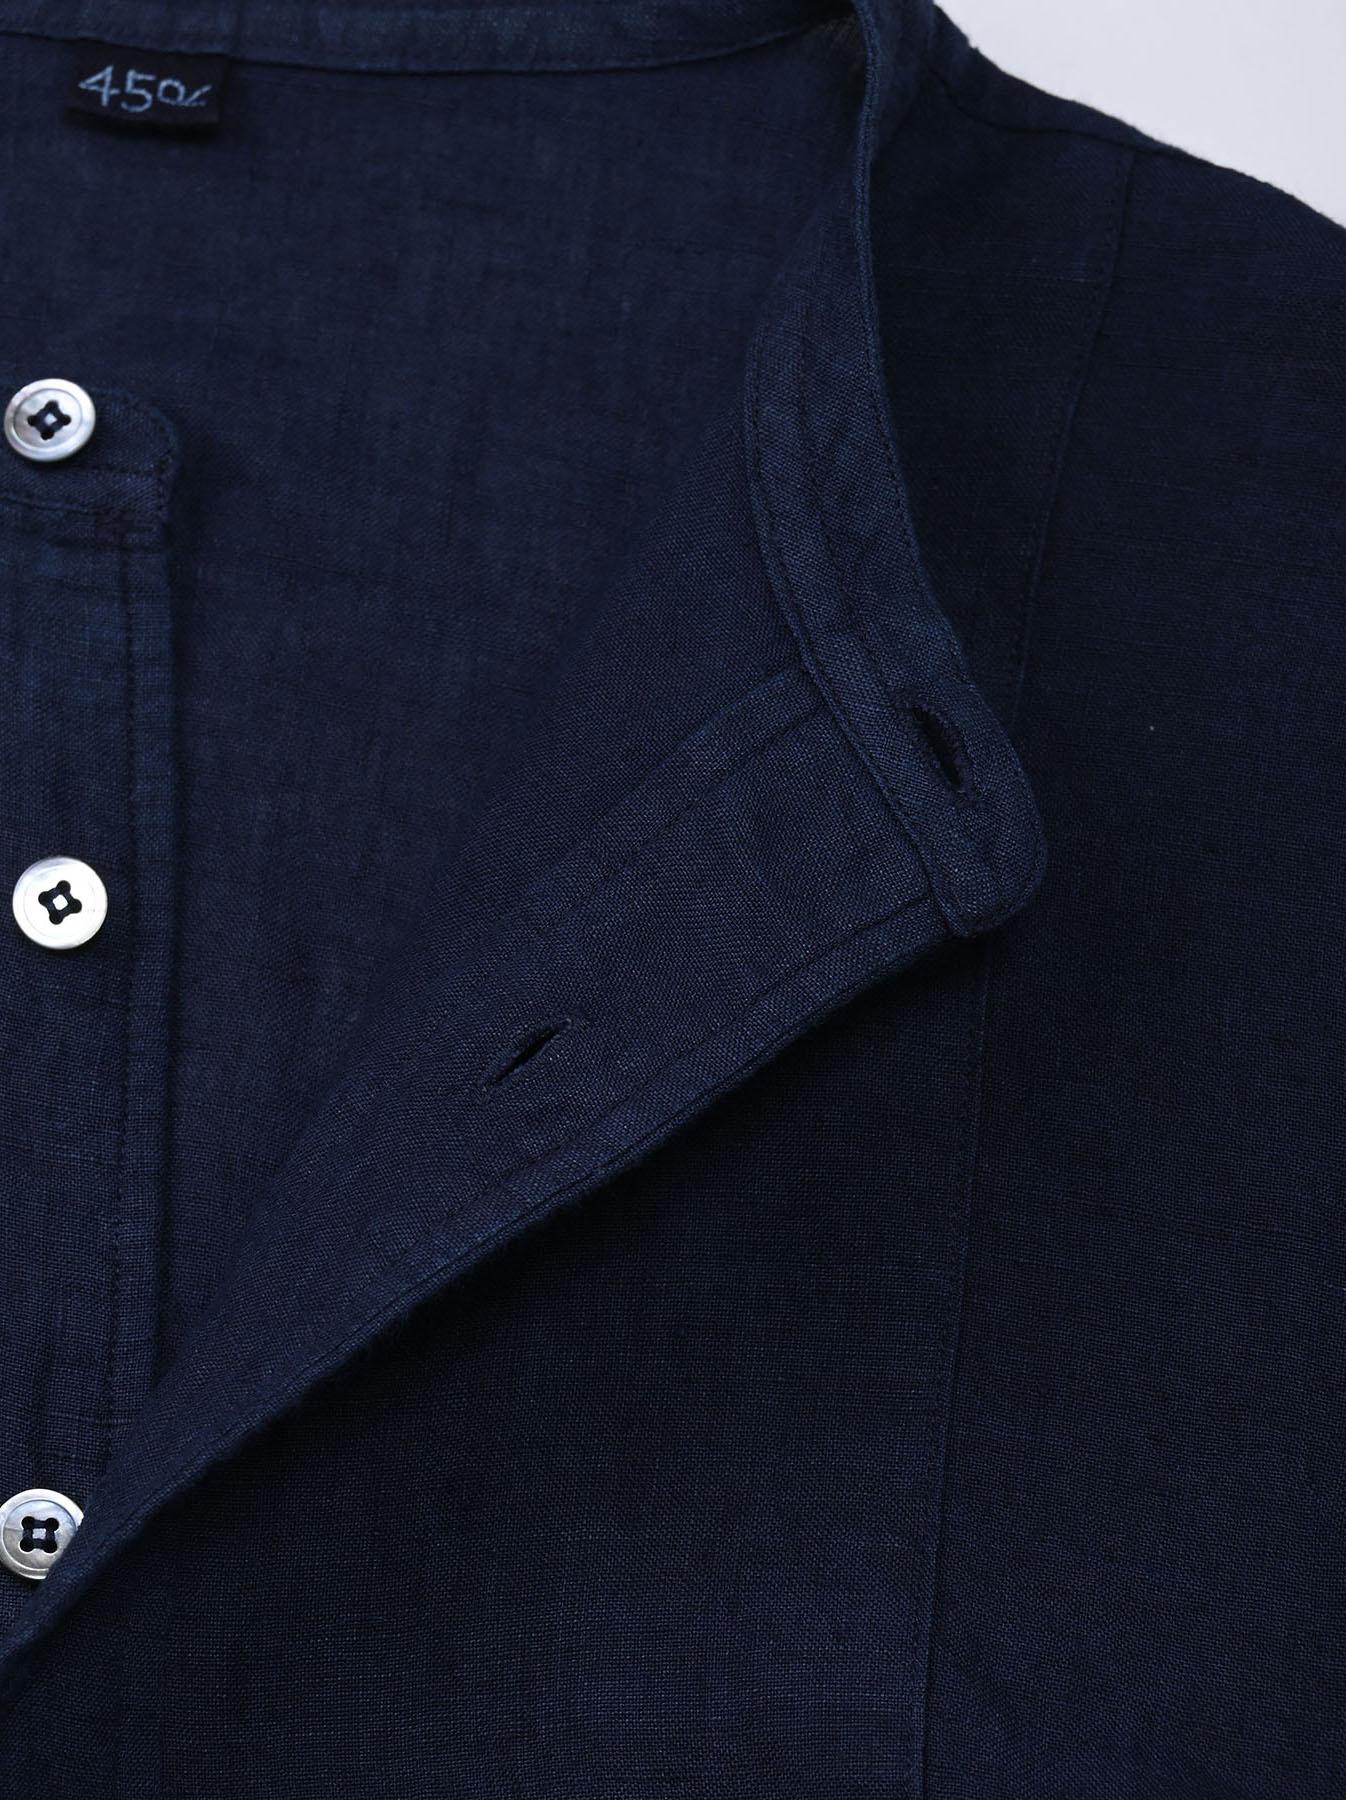 Indigo Indian Linen Flat Big Shirt (0521)-8